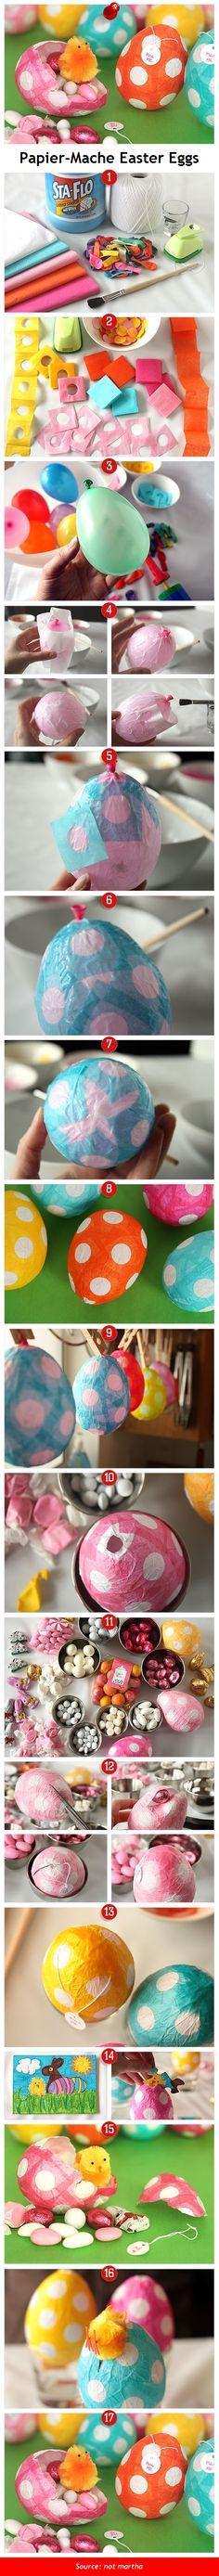 Papier-Mache Easter Eggs via pindemy.com